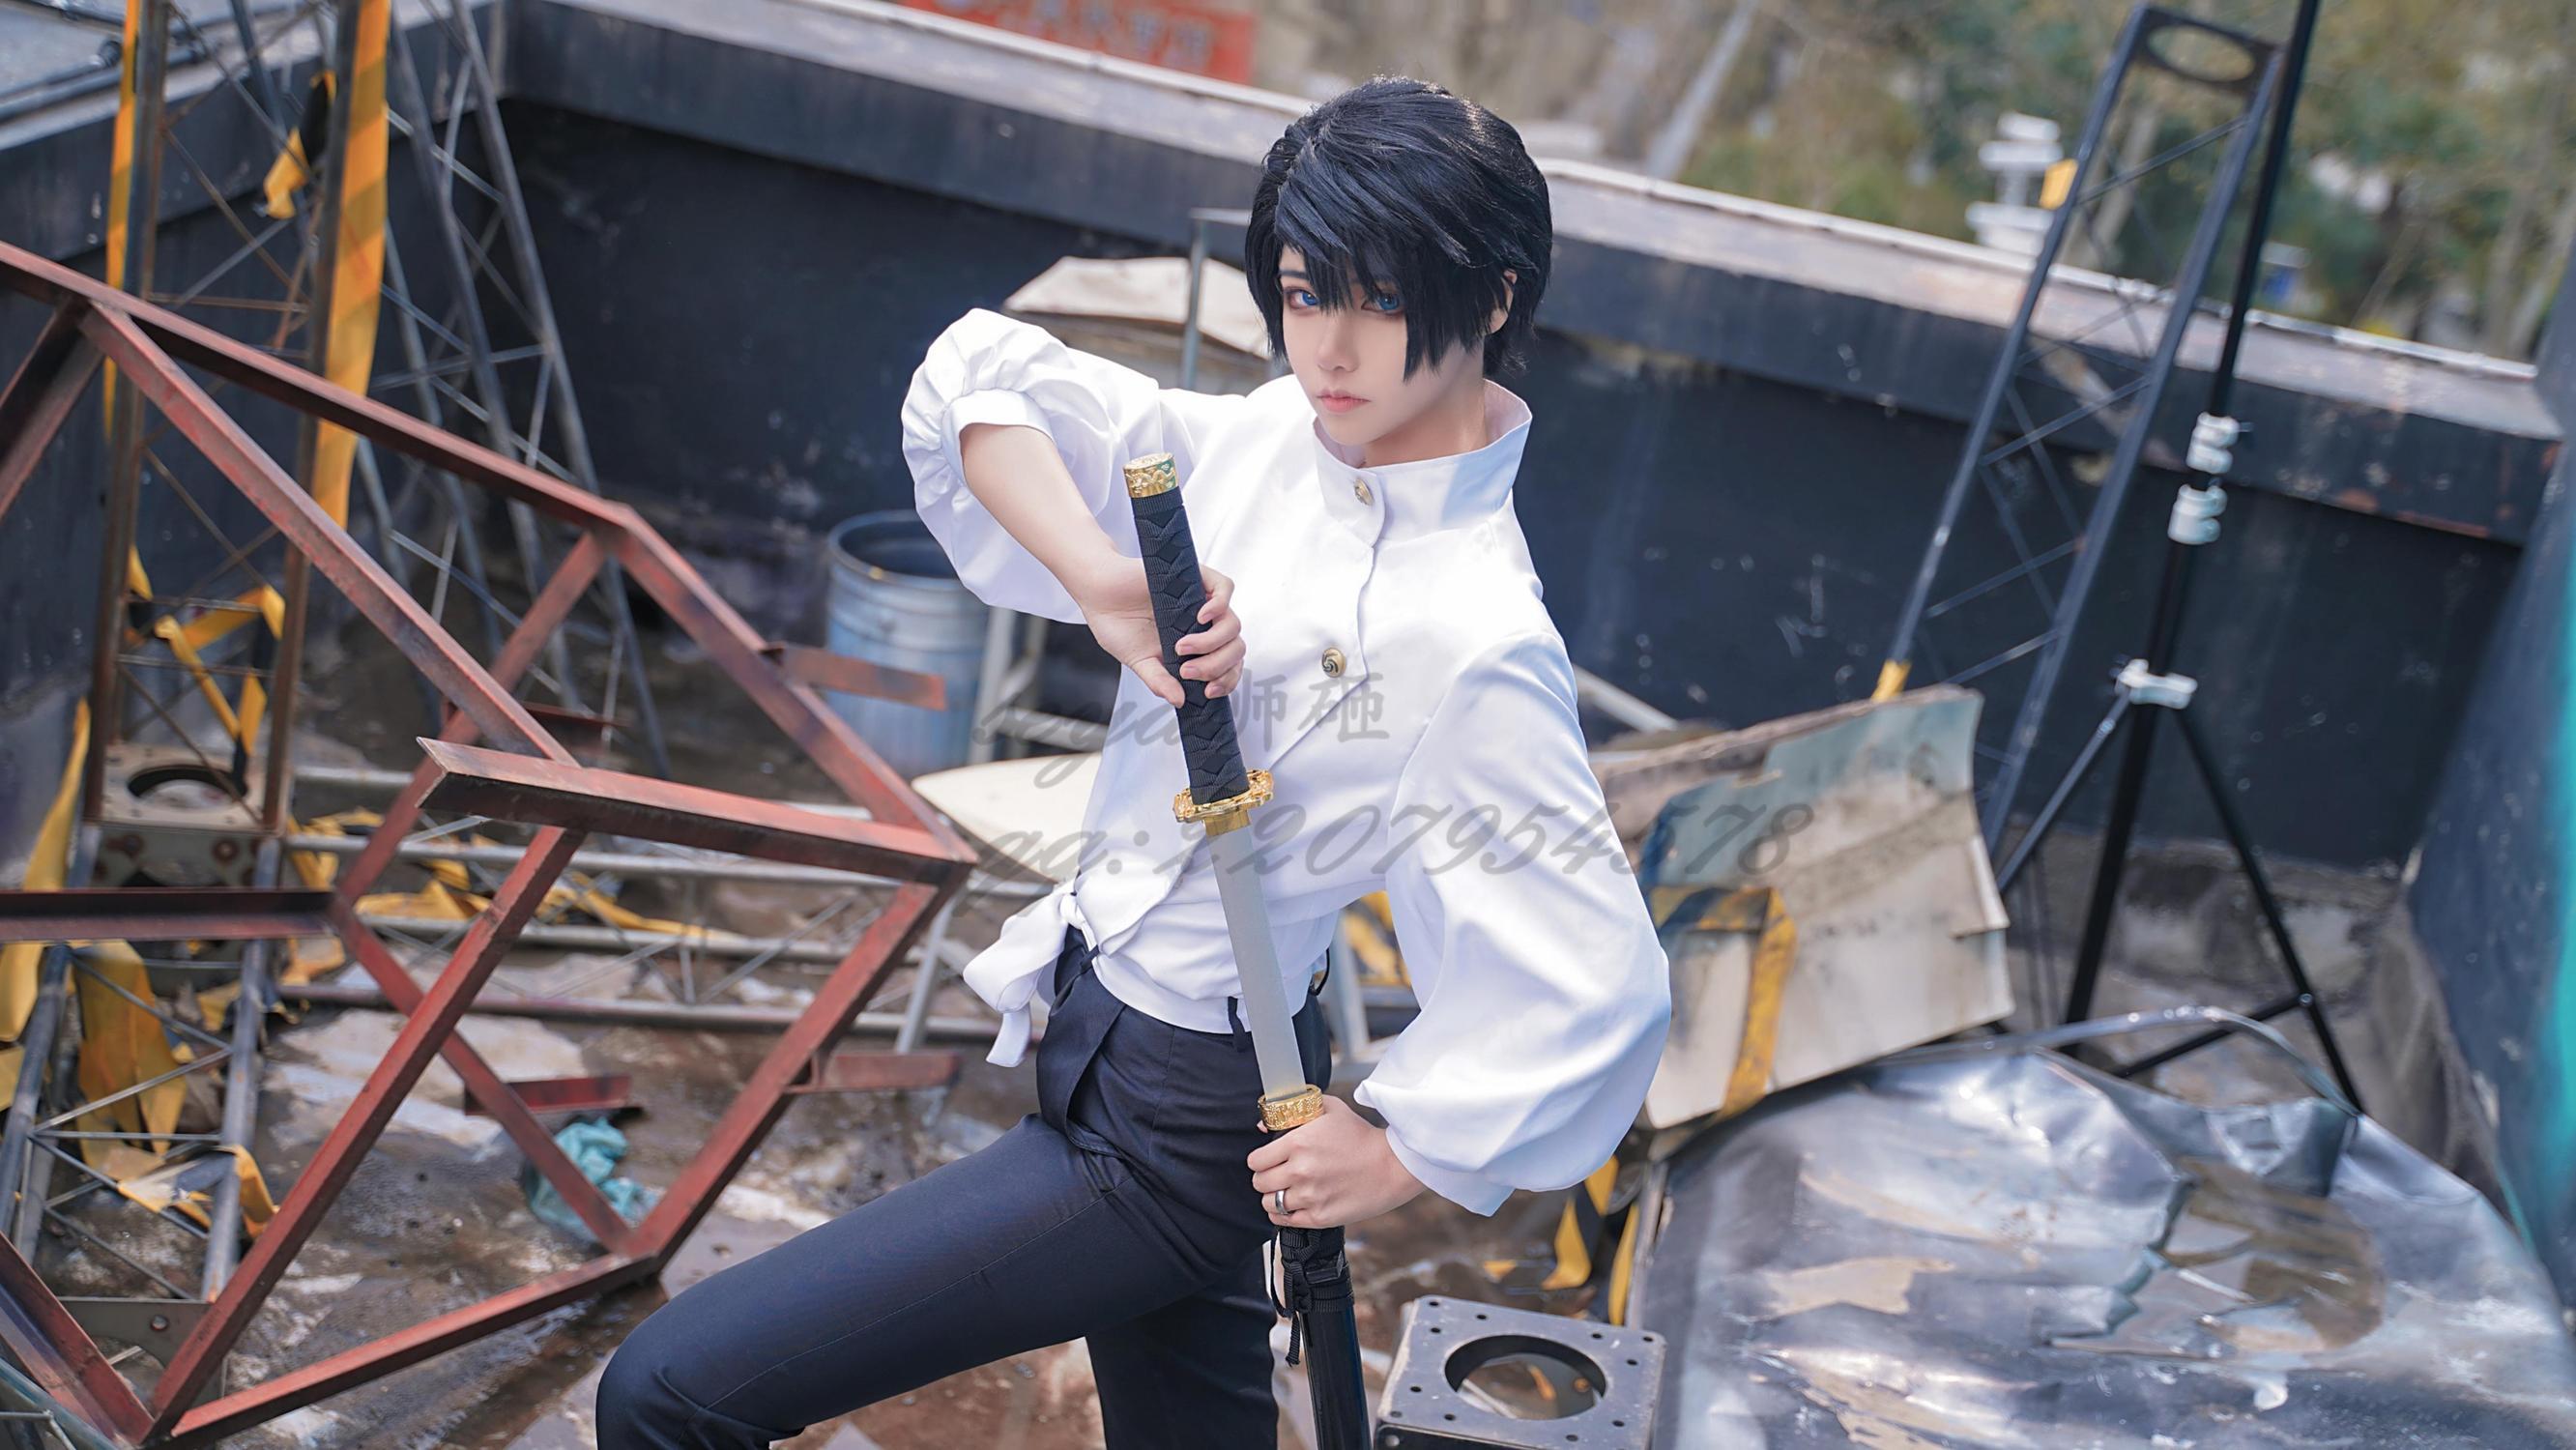 《咒术回战》正片cosplay【CN:seya-狮砸砸砸砸砸】-第2张